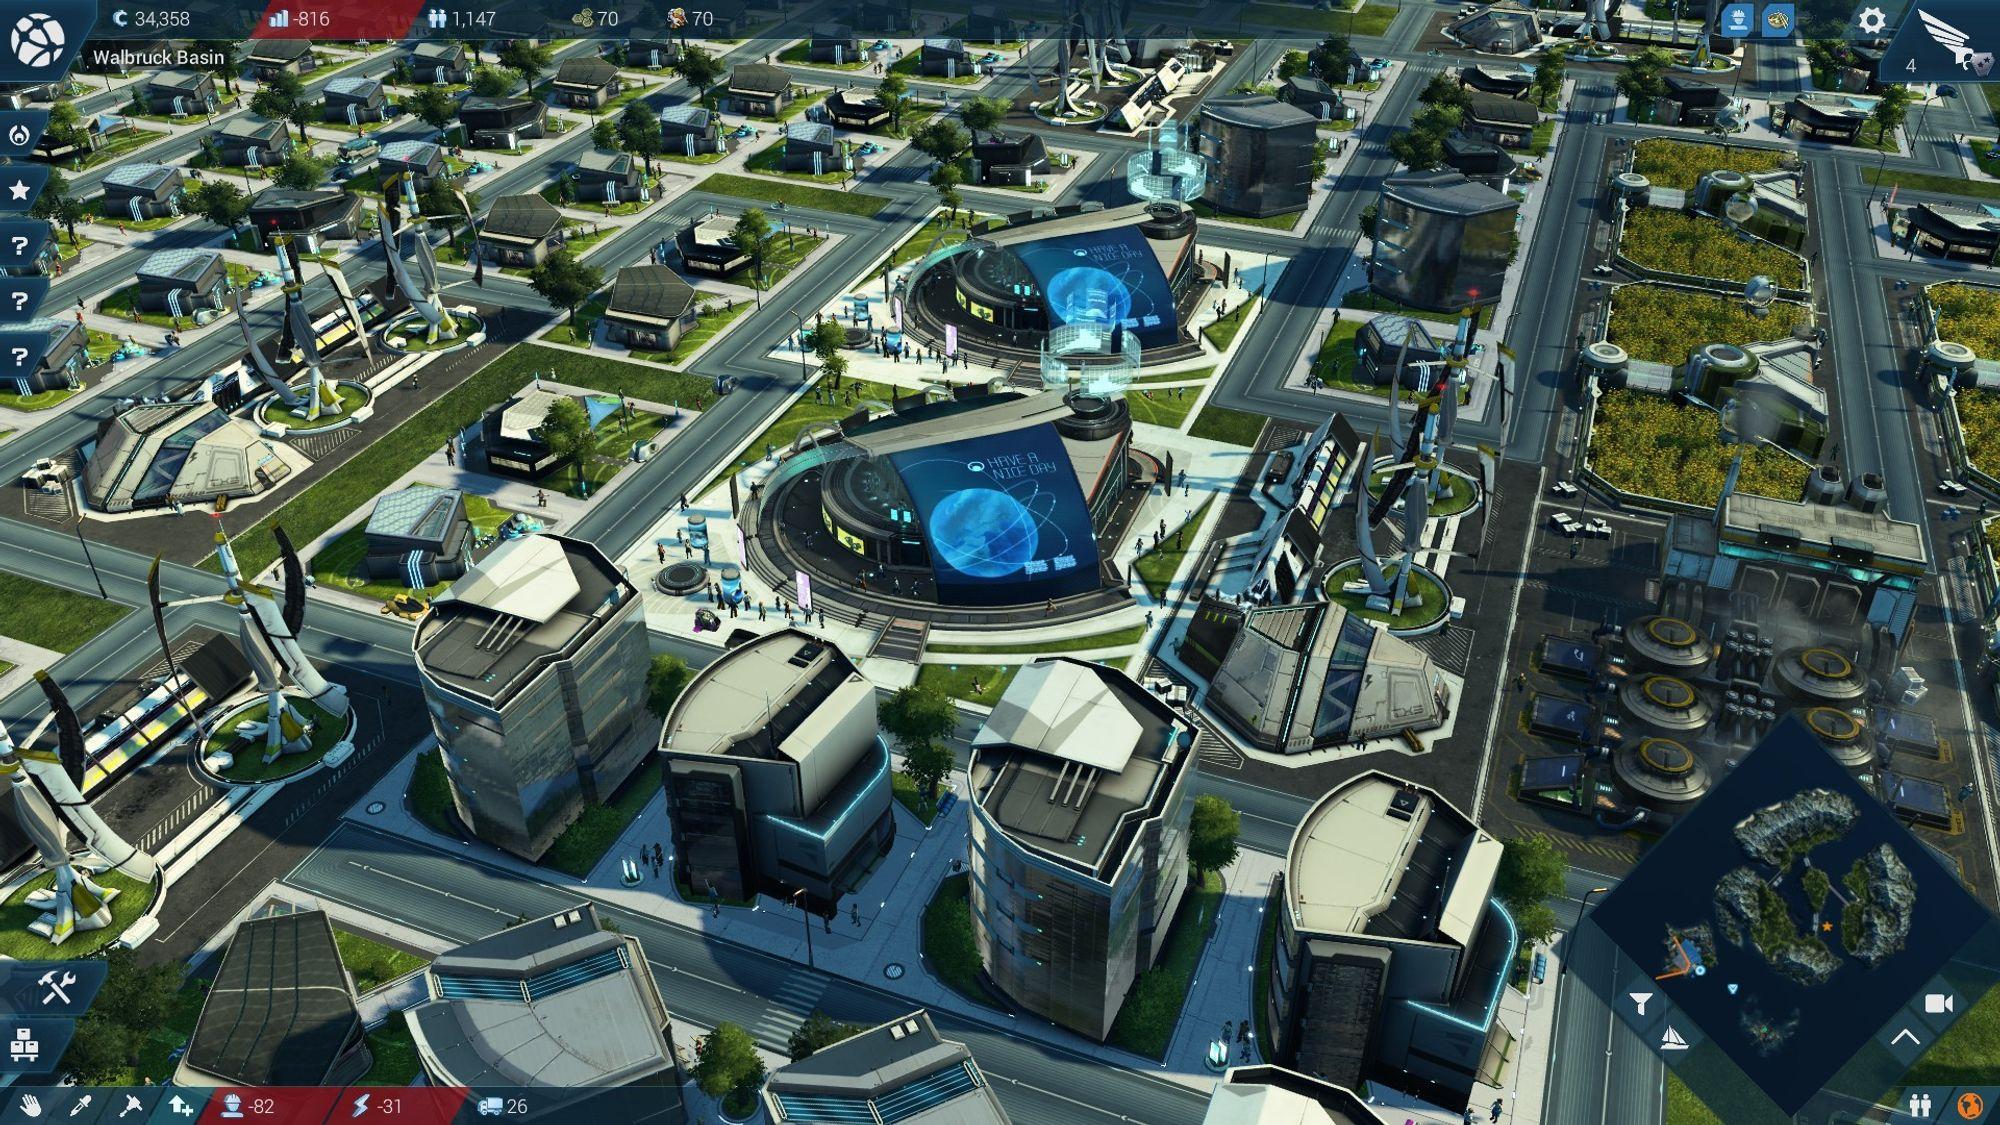 Det er morsomt å følge med på hvordan byen utvikler seg.